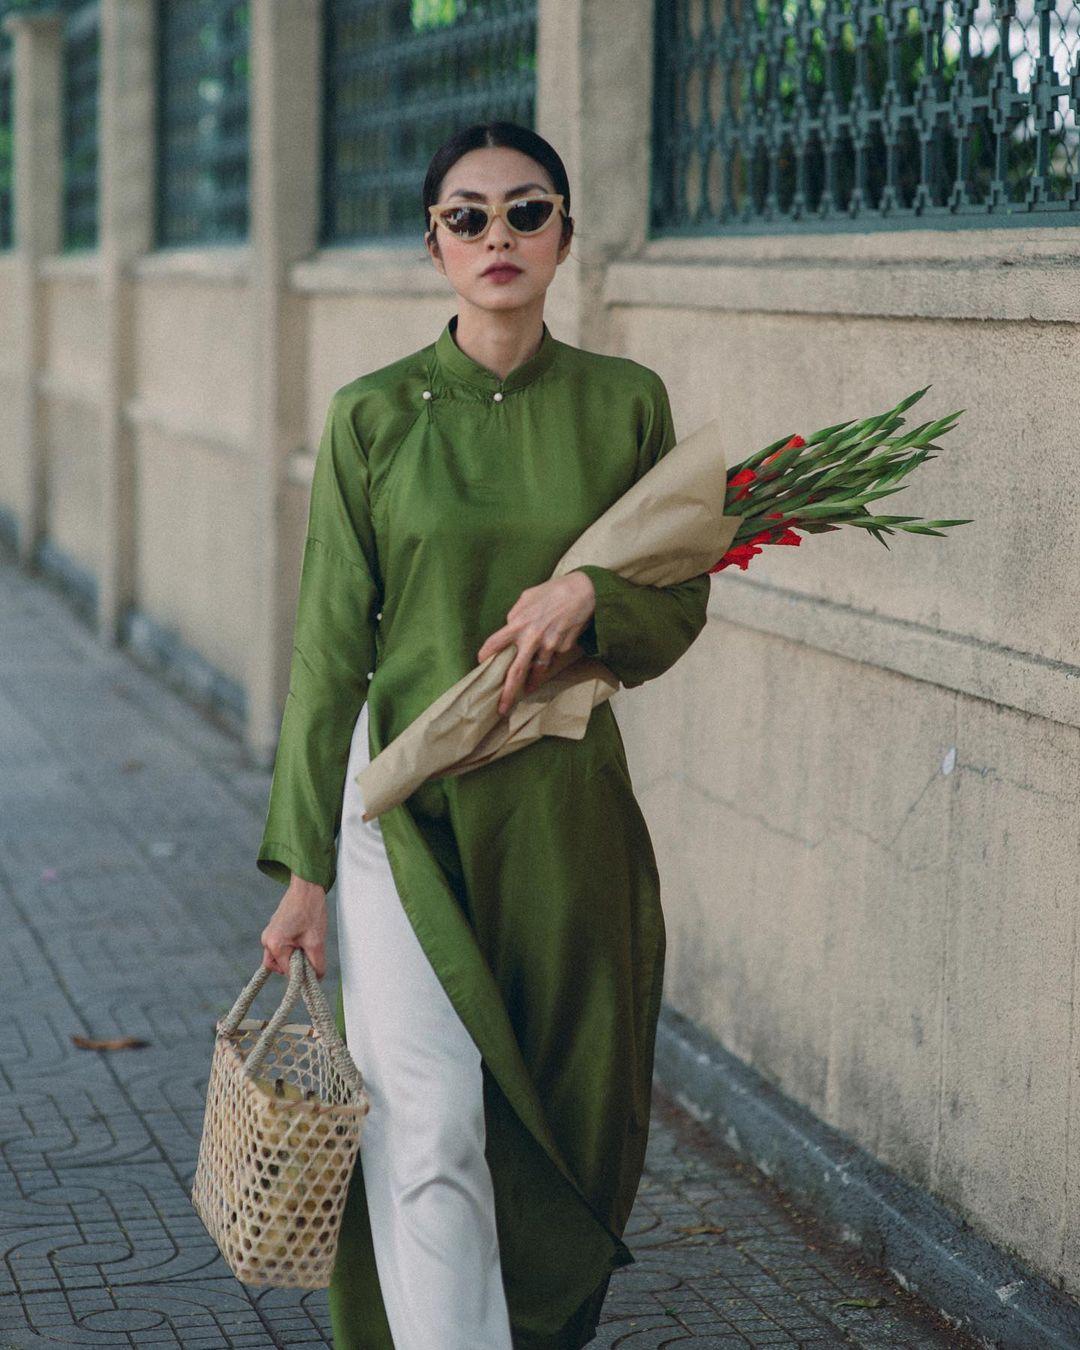 Sao Việt rộn ràng diện áo dài đón Tết sớm, kiểu hot hit nhất năm nay nằm cả ở chi tiết này - Ảnh 1.